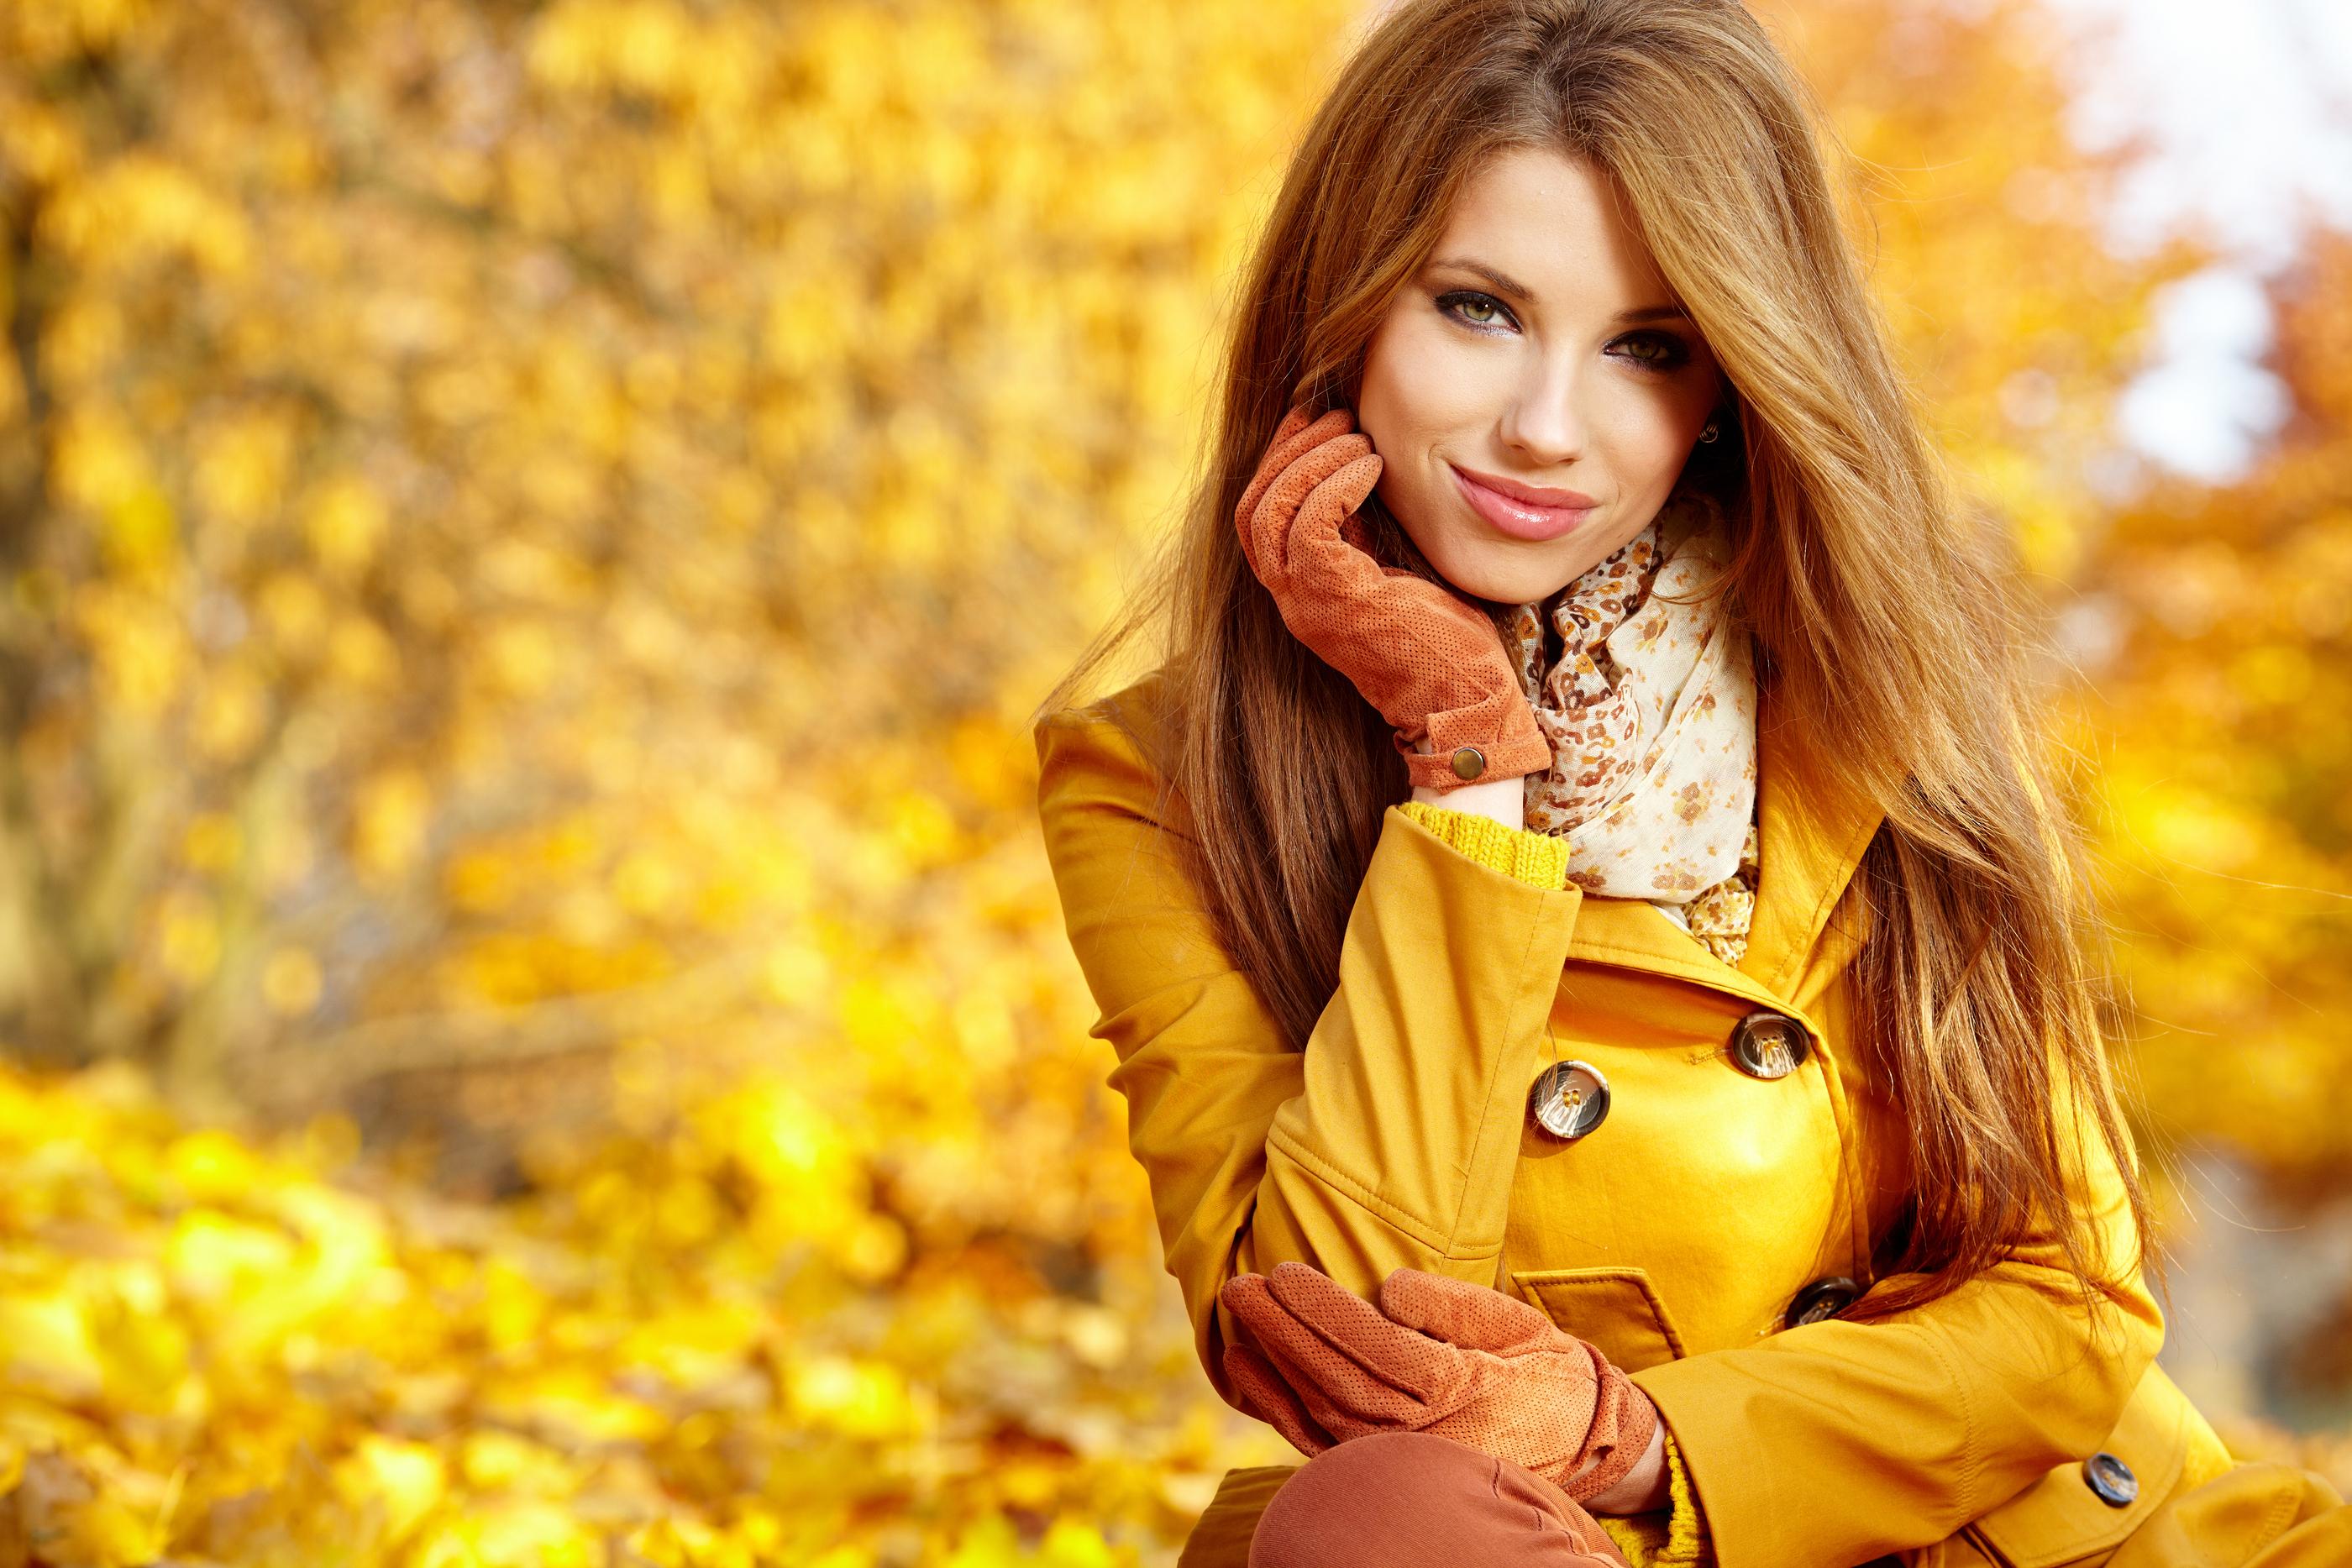 Zatočte s podzimní únavou